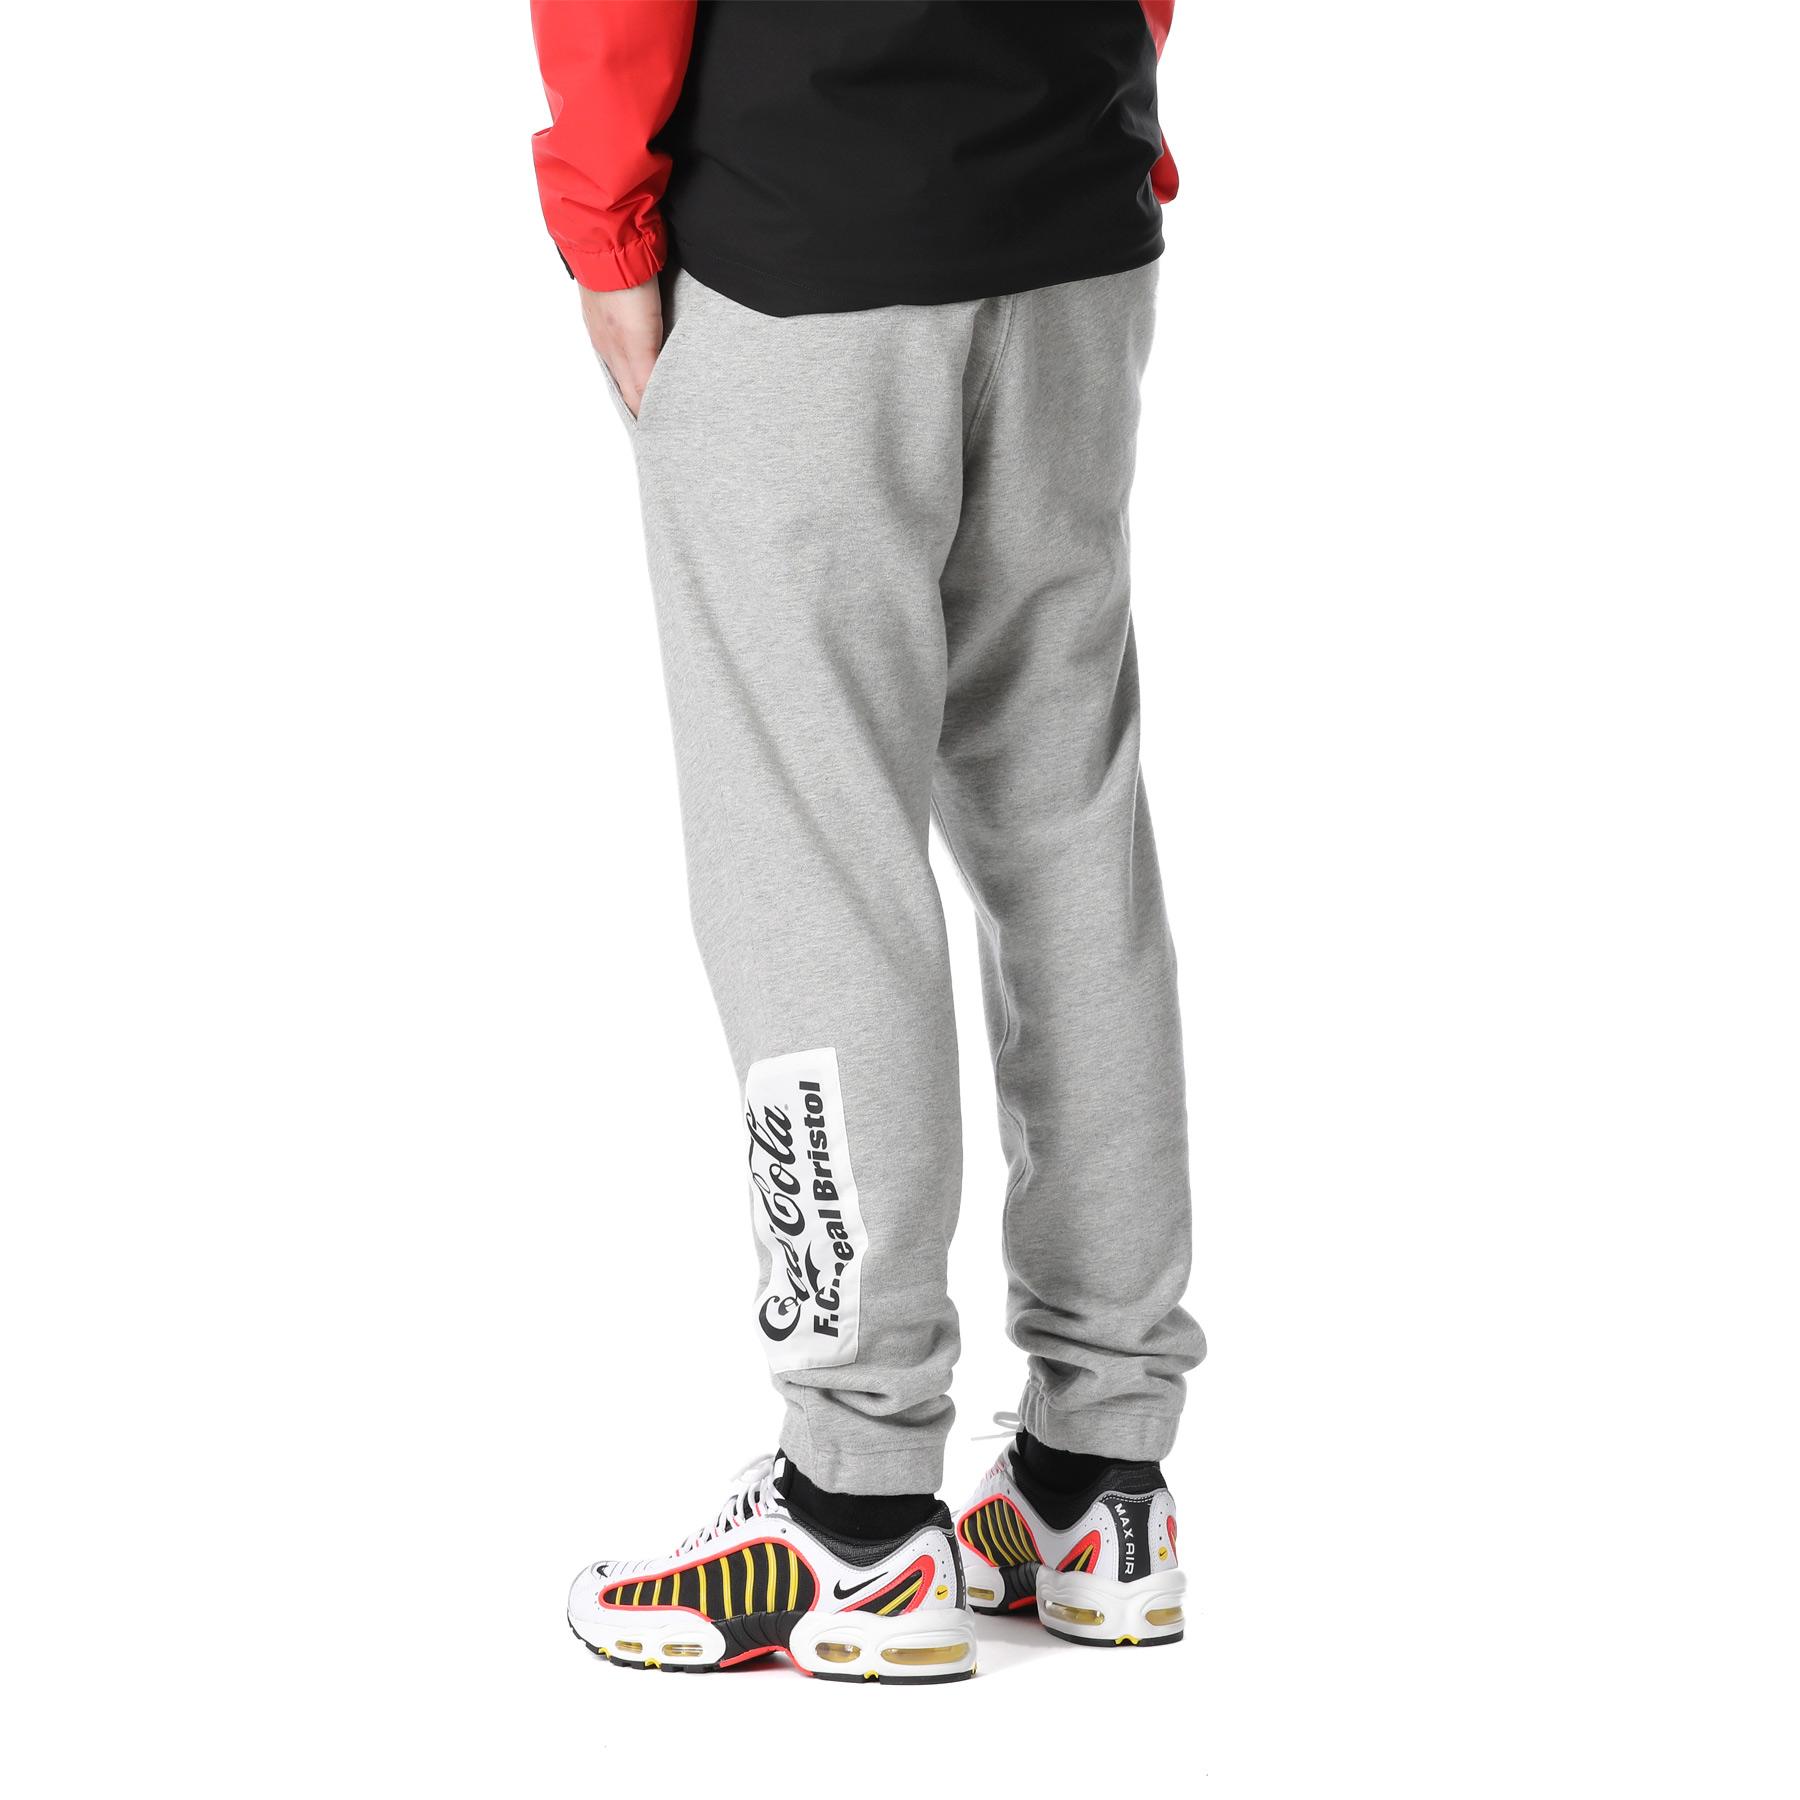 Coca-Cola Gray Sweatpants Jogging Pants Size Medium BRAND NEW